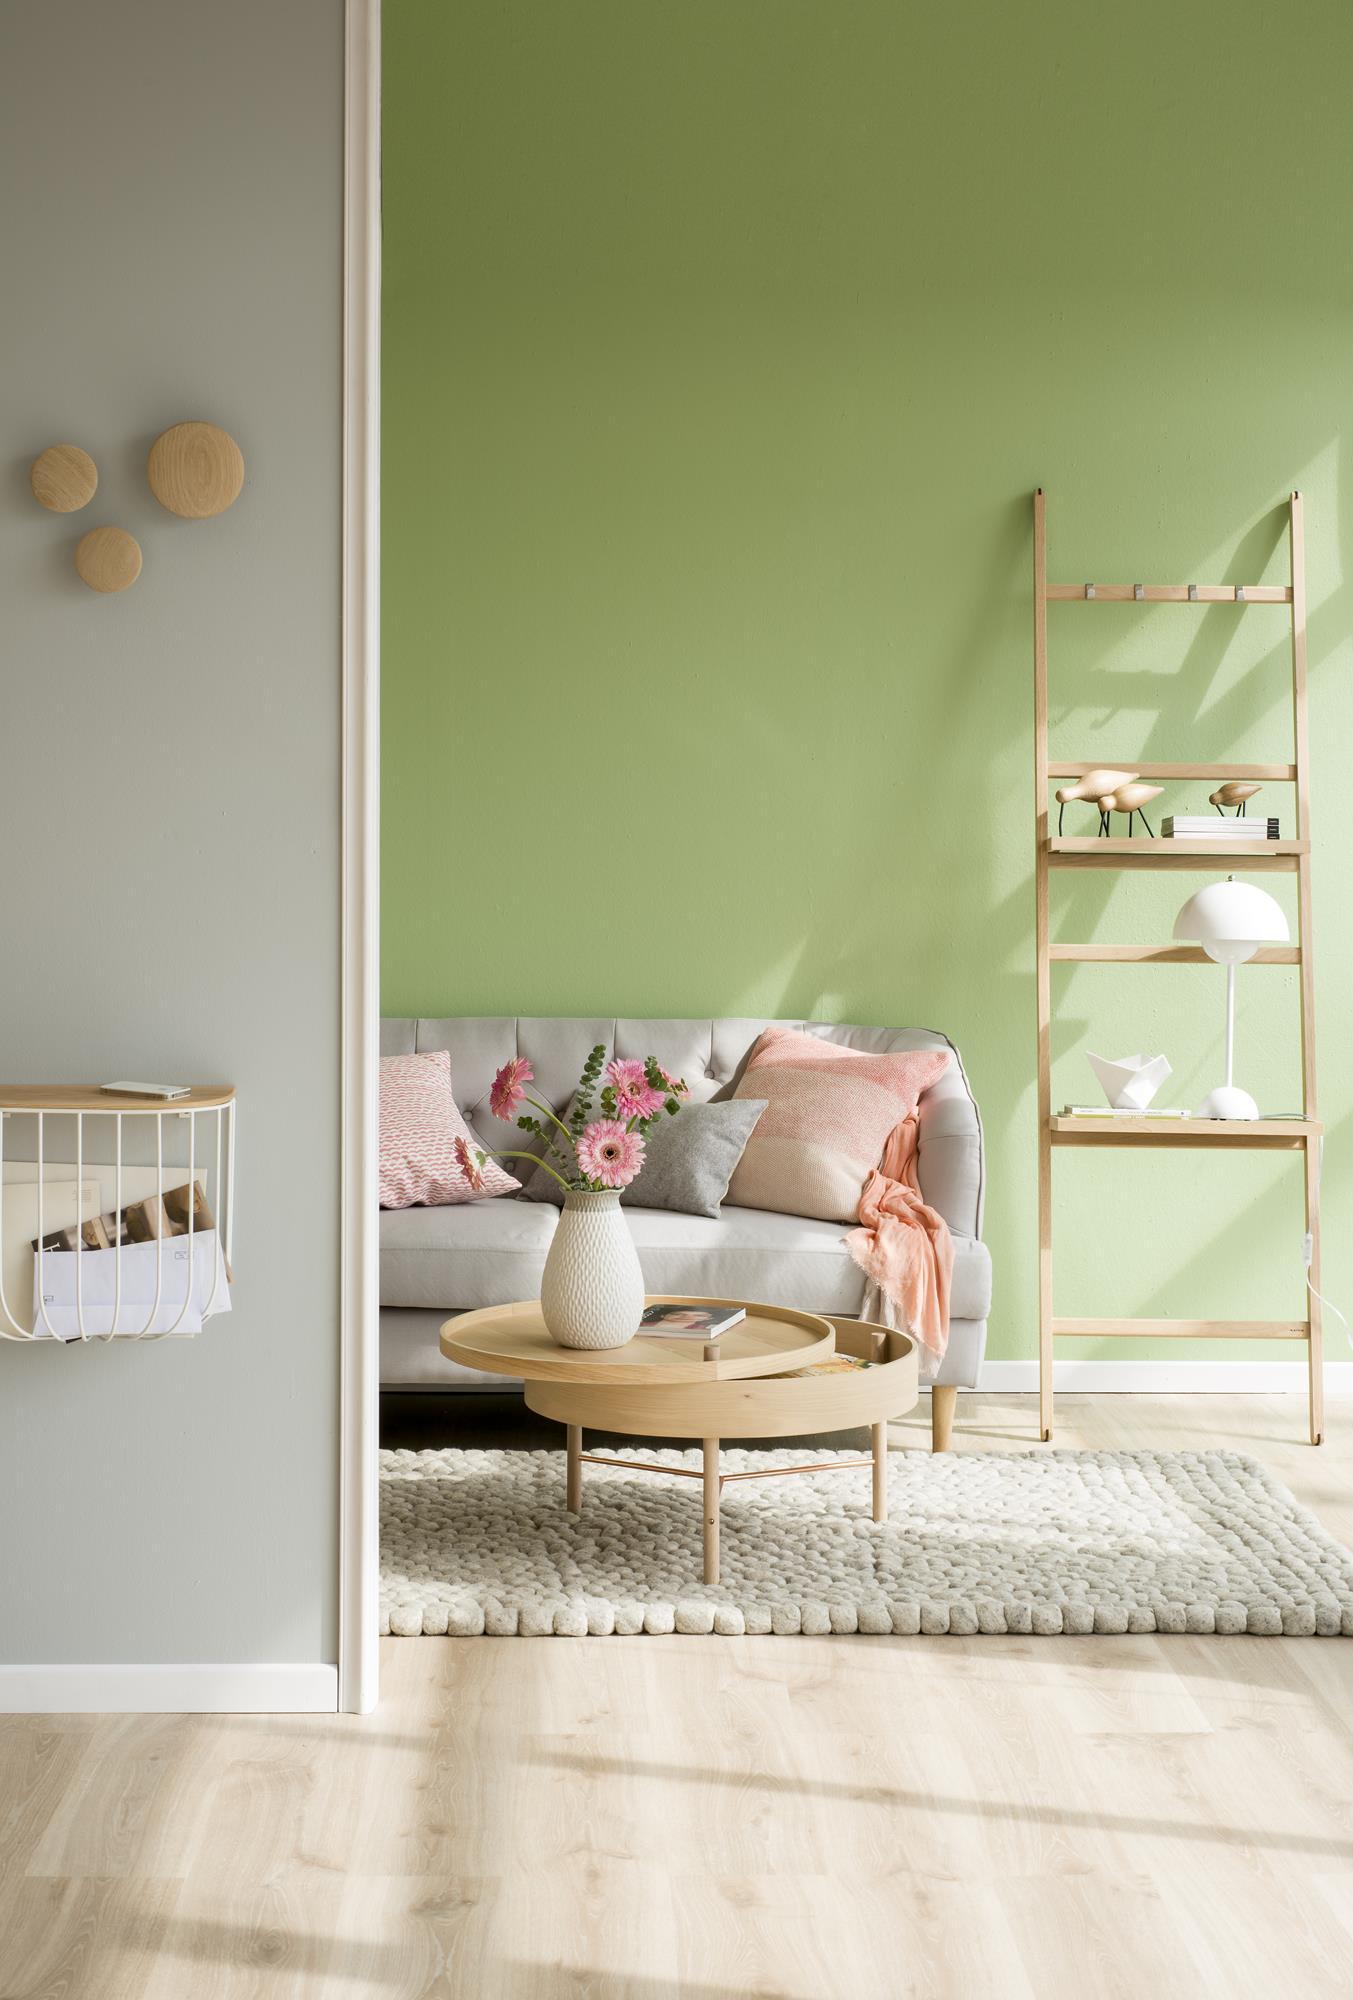 00421417 O (Copy). salon con pared verde y estantería de escalera